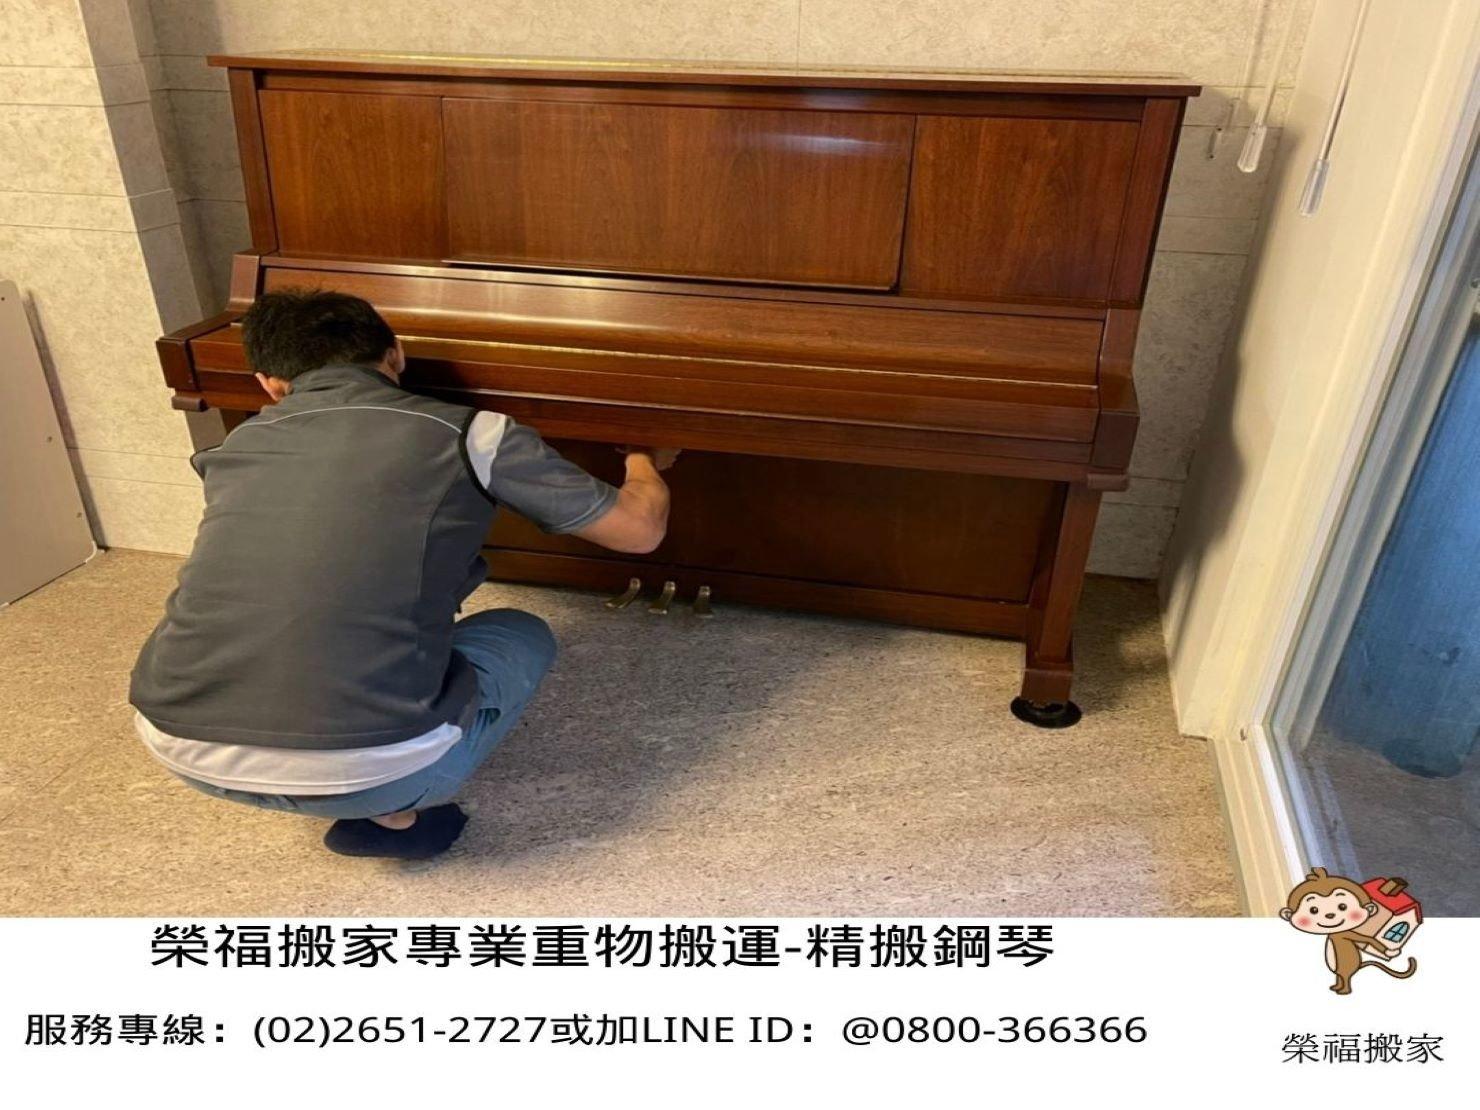 【鋼琴搬運】想了解搬家鋼琴搬運流程及計費方式,就由榮福搬家小編來詳細說明